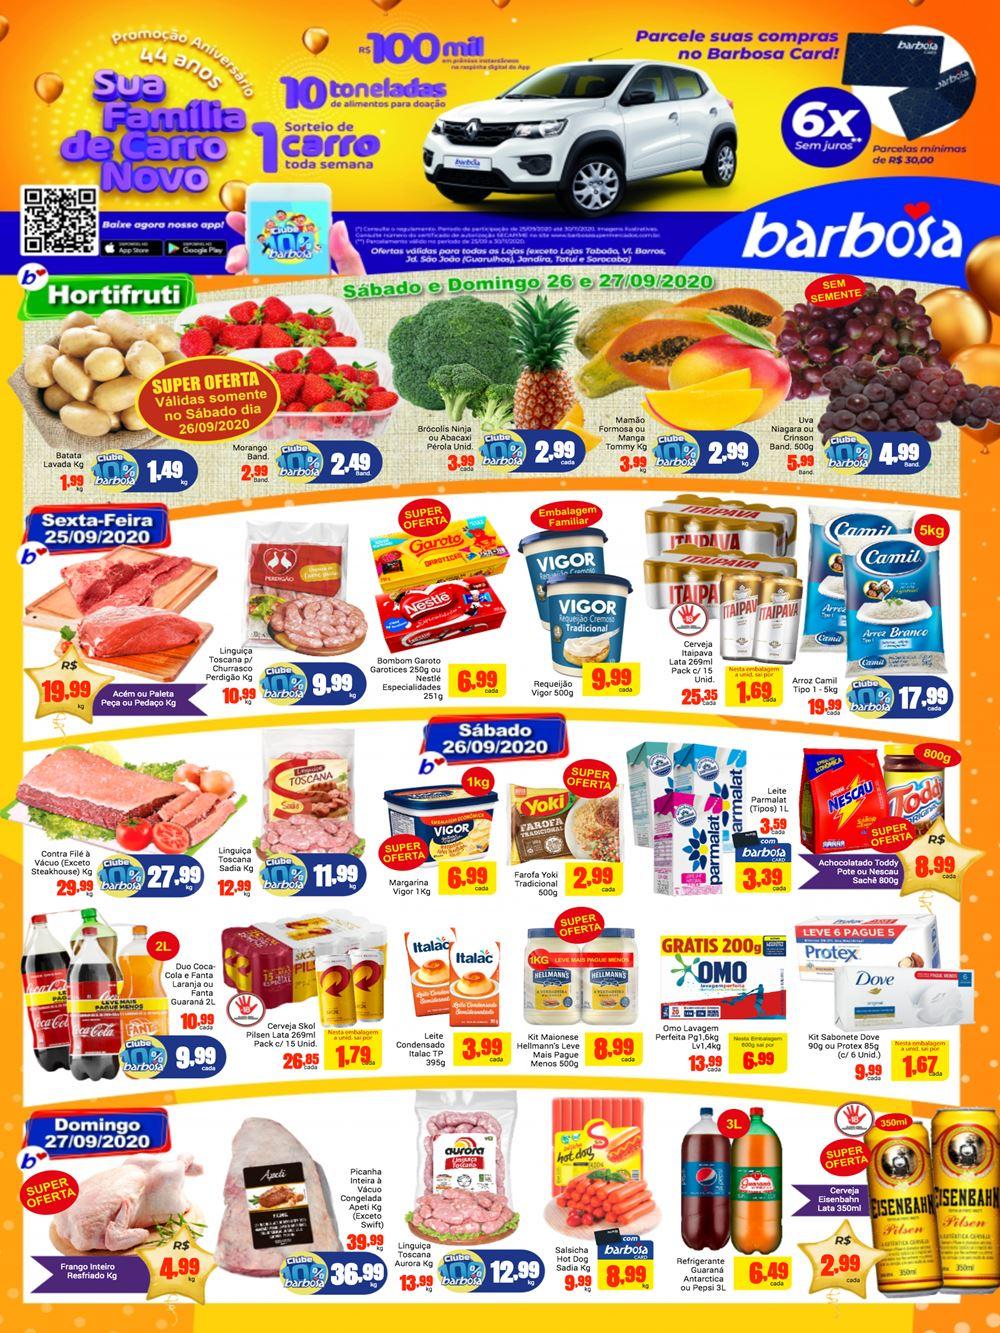 barbosa-ofertas-descontos-hoje1-2 Barbosa até 01/10